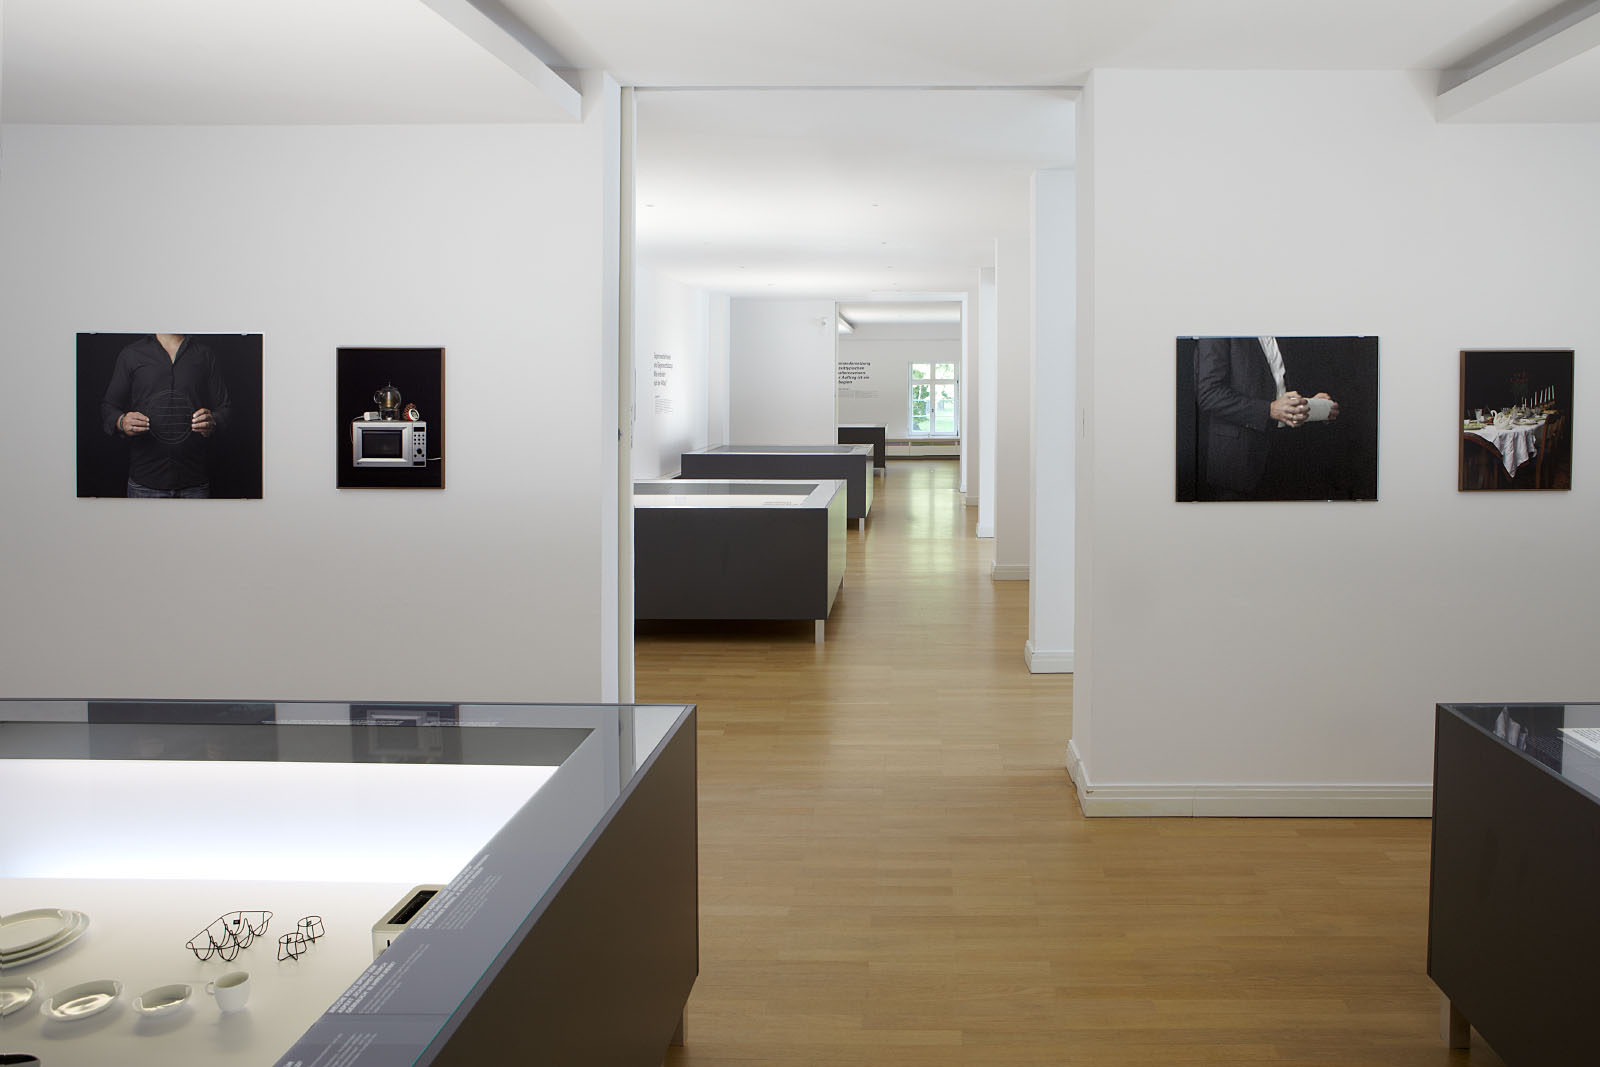 """Fotoaufnahmen der Ausstellung """"Vom Stand Der Dinge"""" im Wilhelm Wagenfeld Haus in Bremen"""